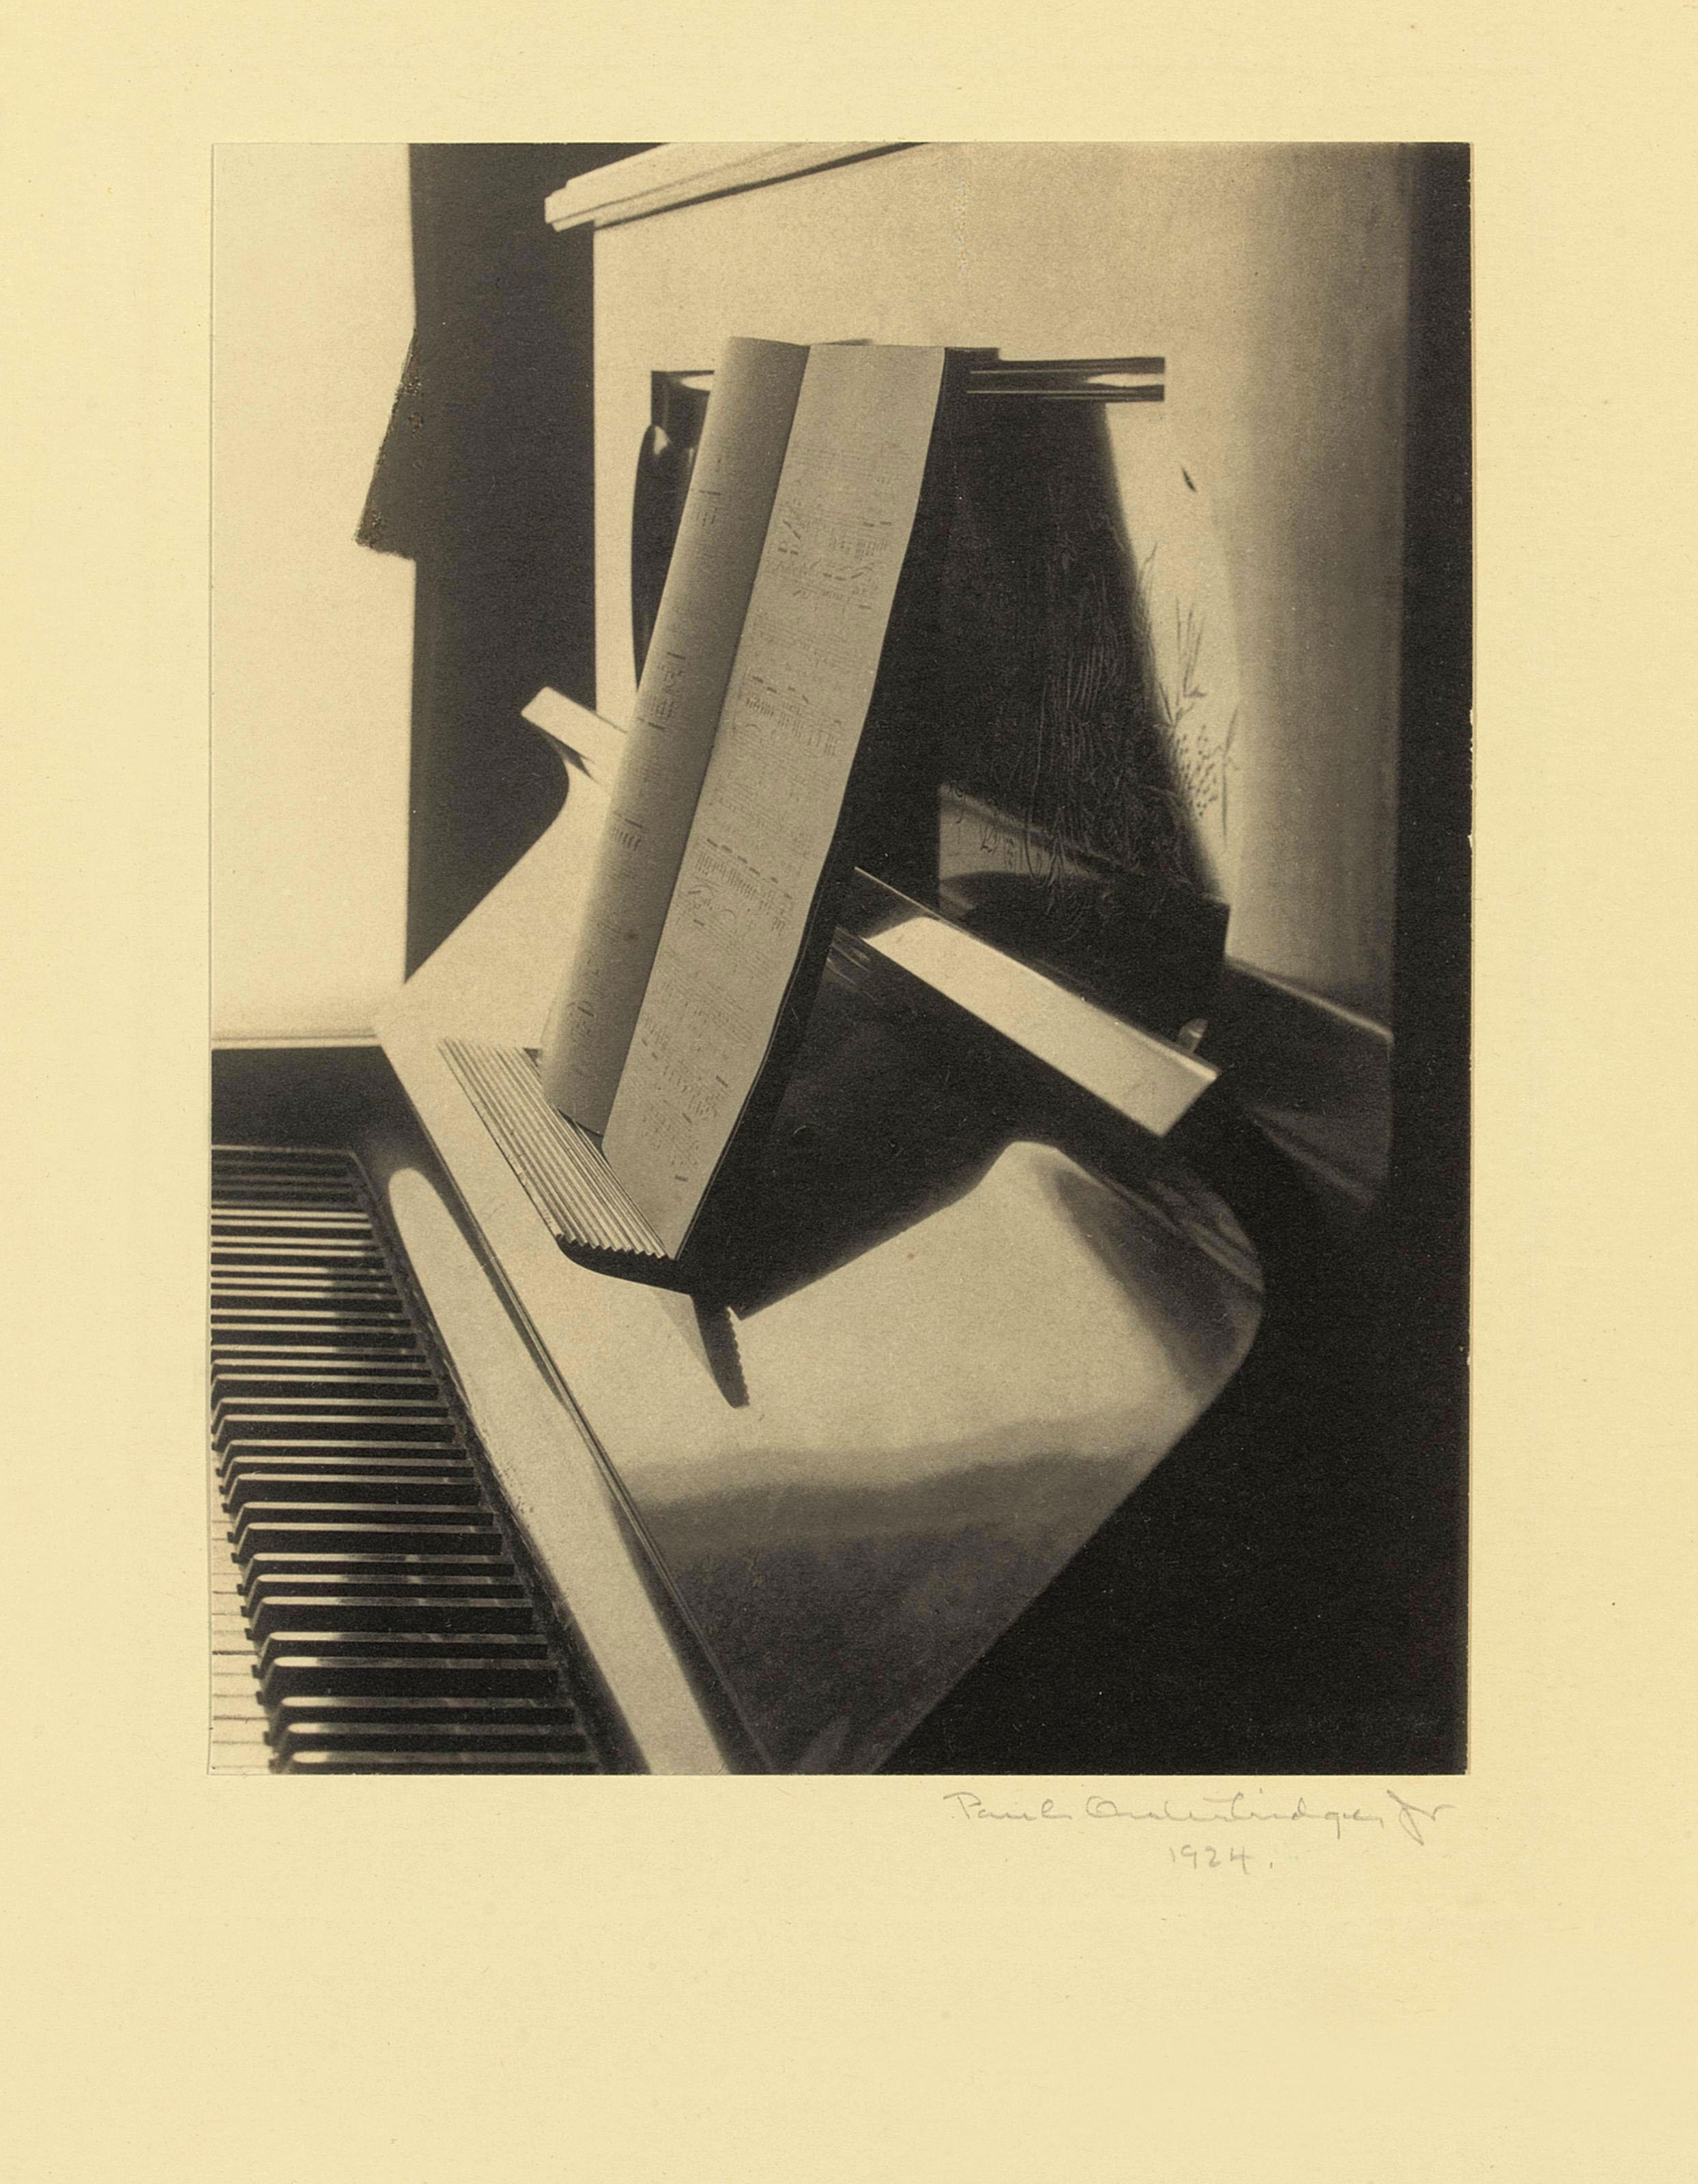 Piano, 1924